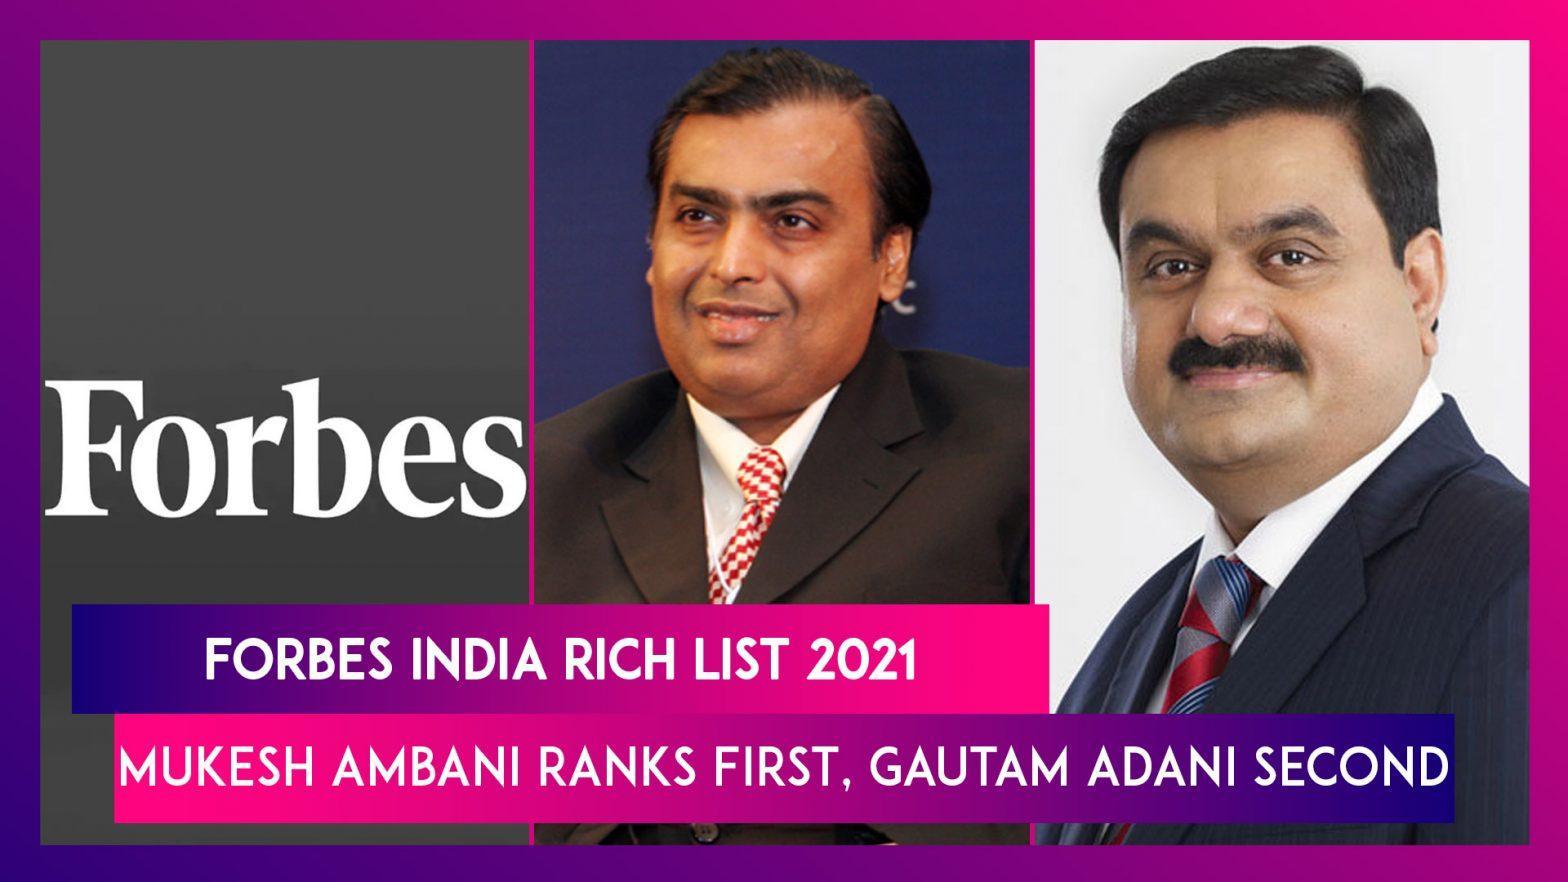 Mukesh Ambani tops Forbes India Rich List 2021_40.1